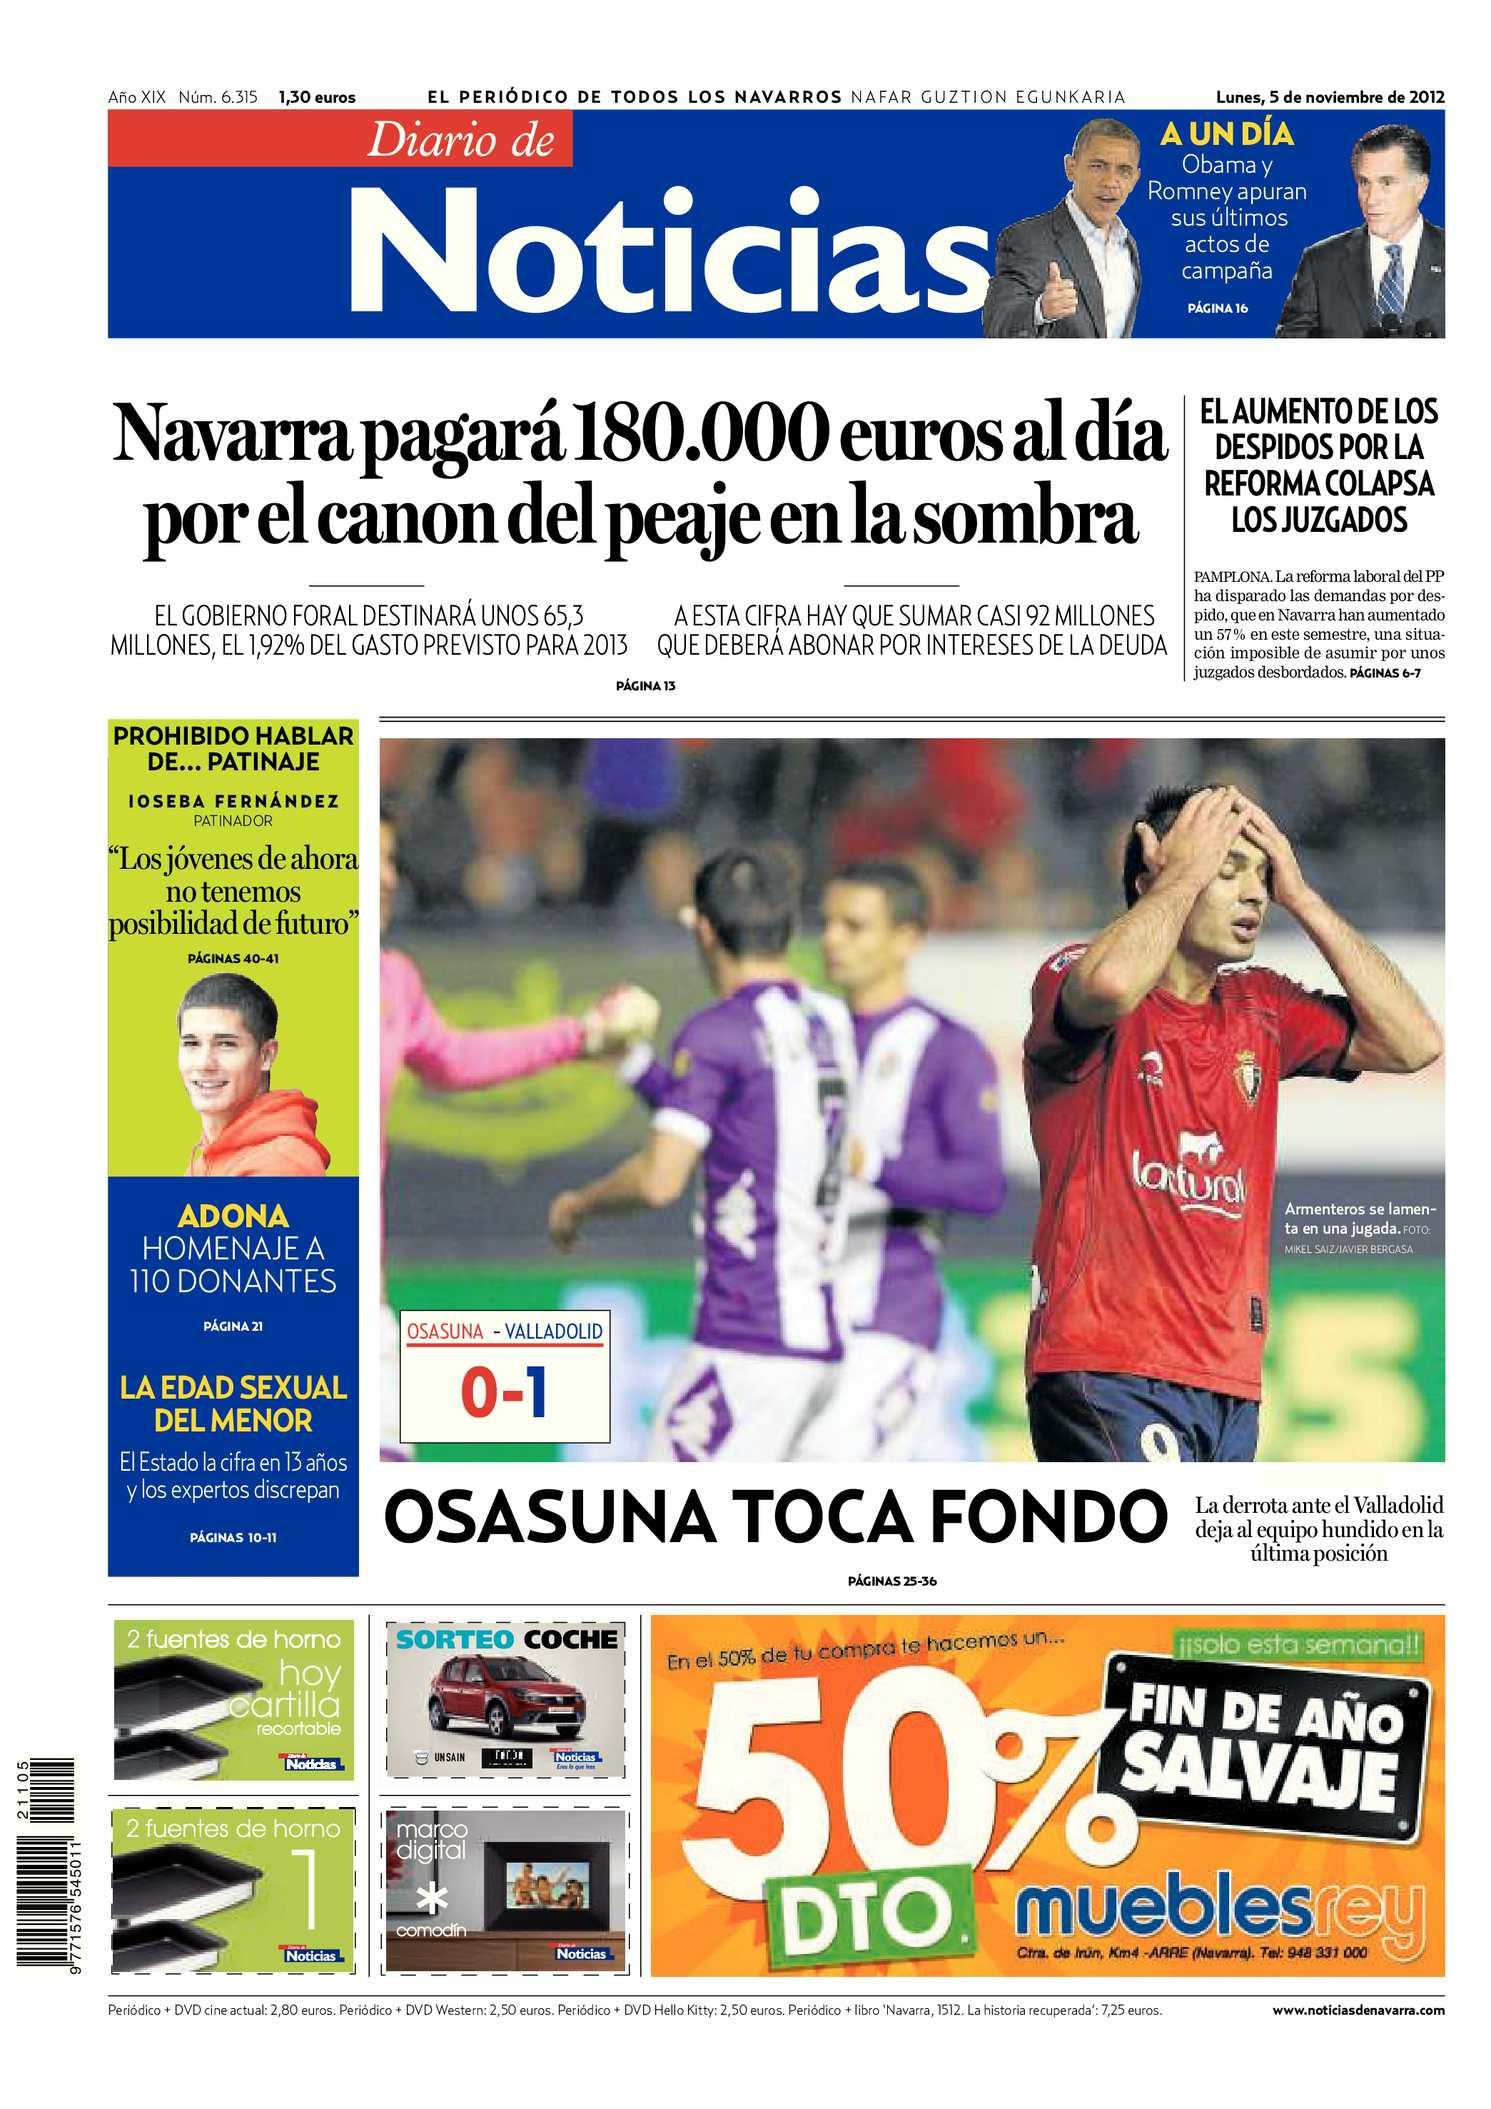 06c0f912a6 Calaméo - Diario de Noticias 20121105